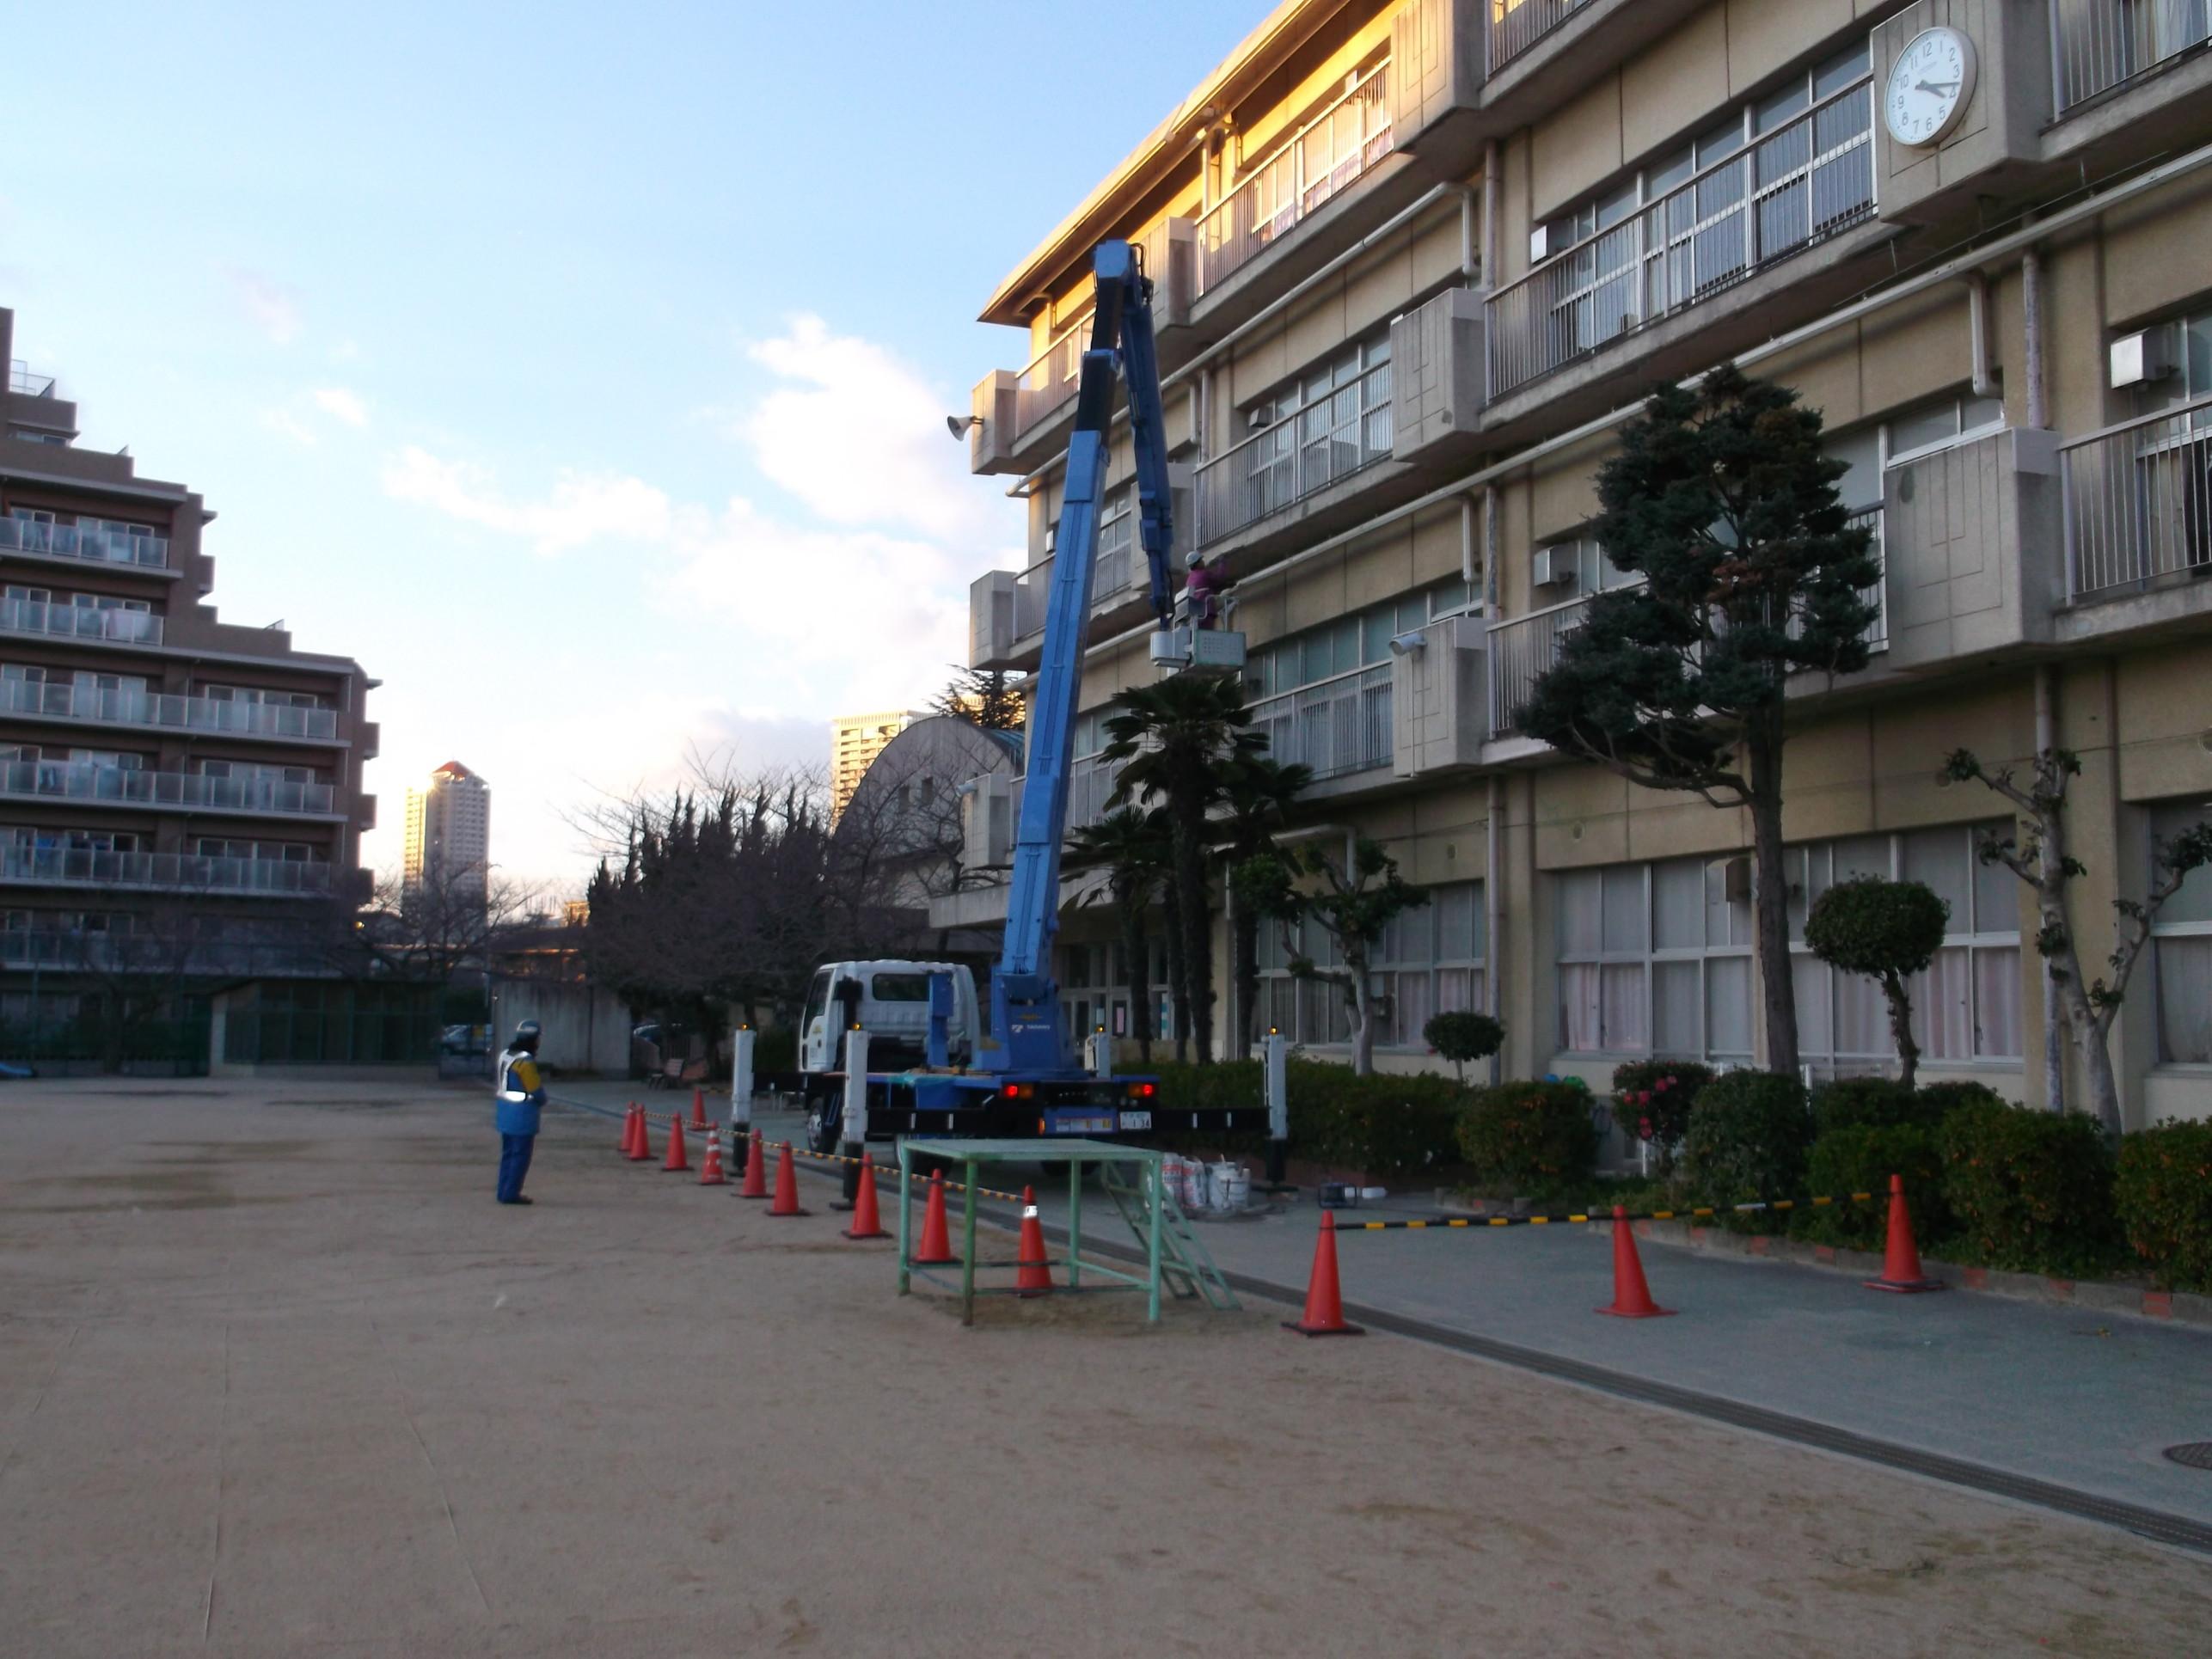 宝塚市 市立小学校 外壁修繕イメージ01